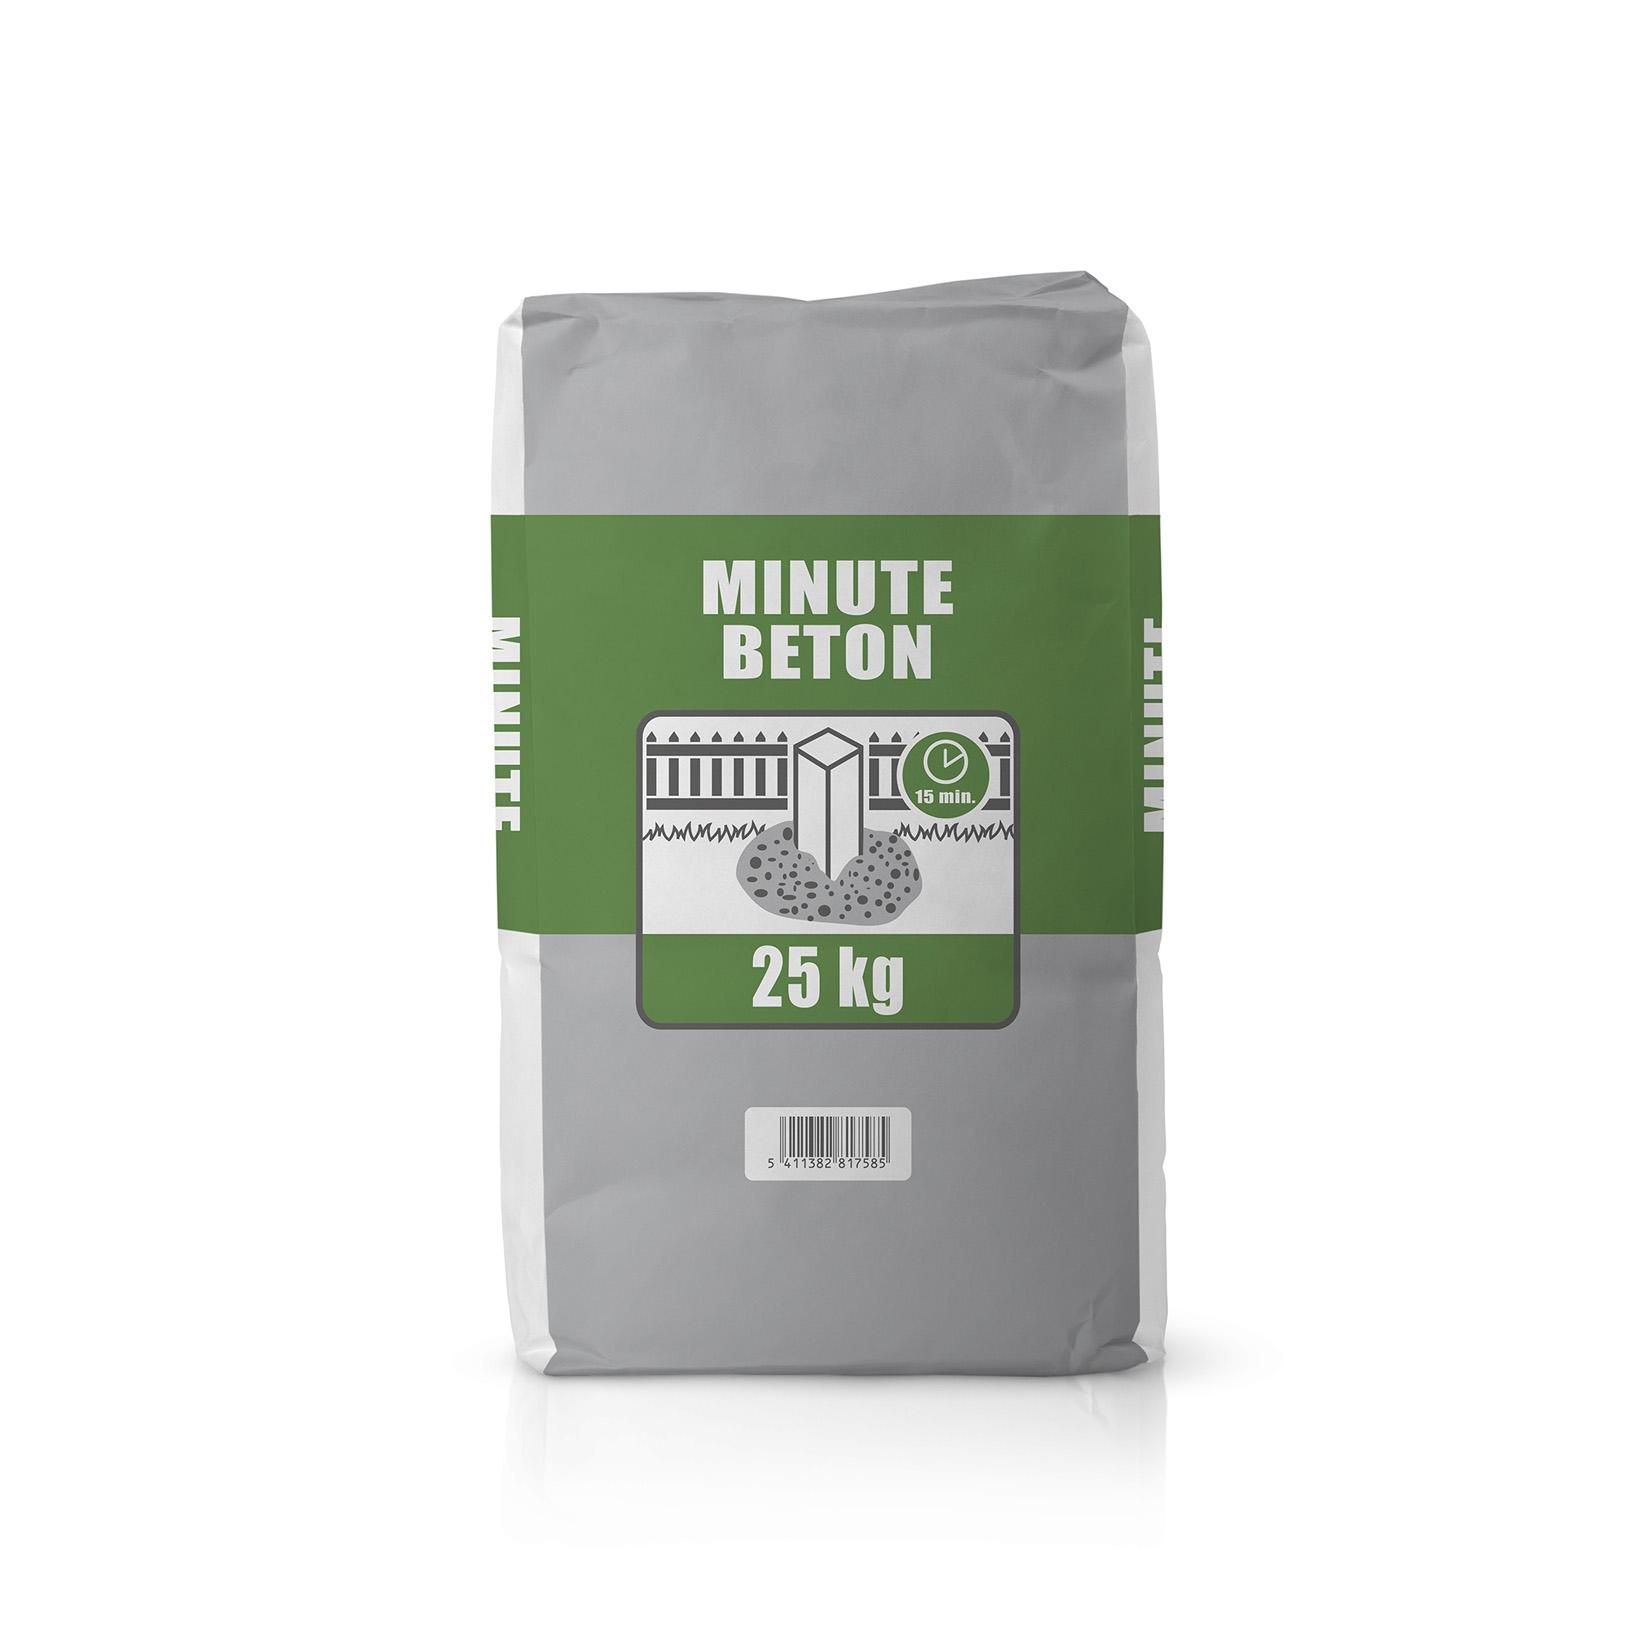 Minute Beton Coeck 25 Kg